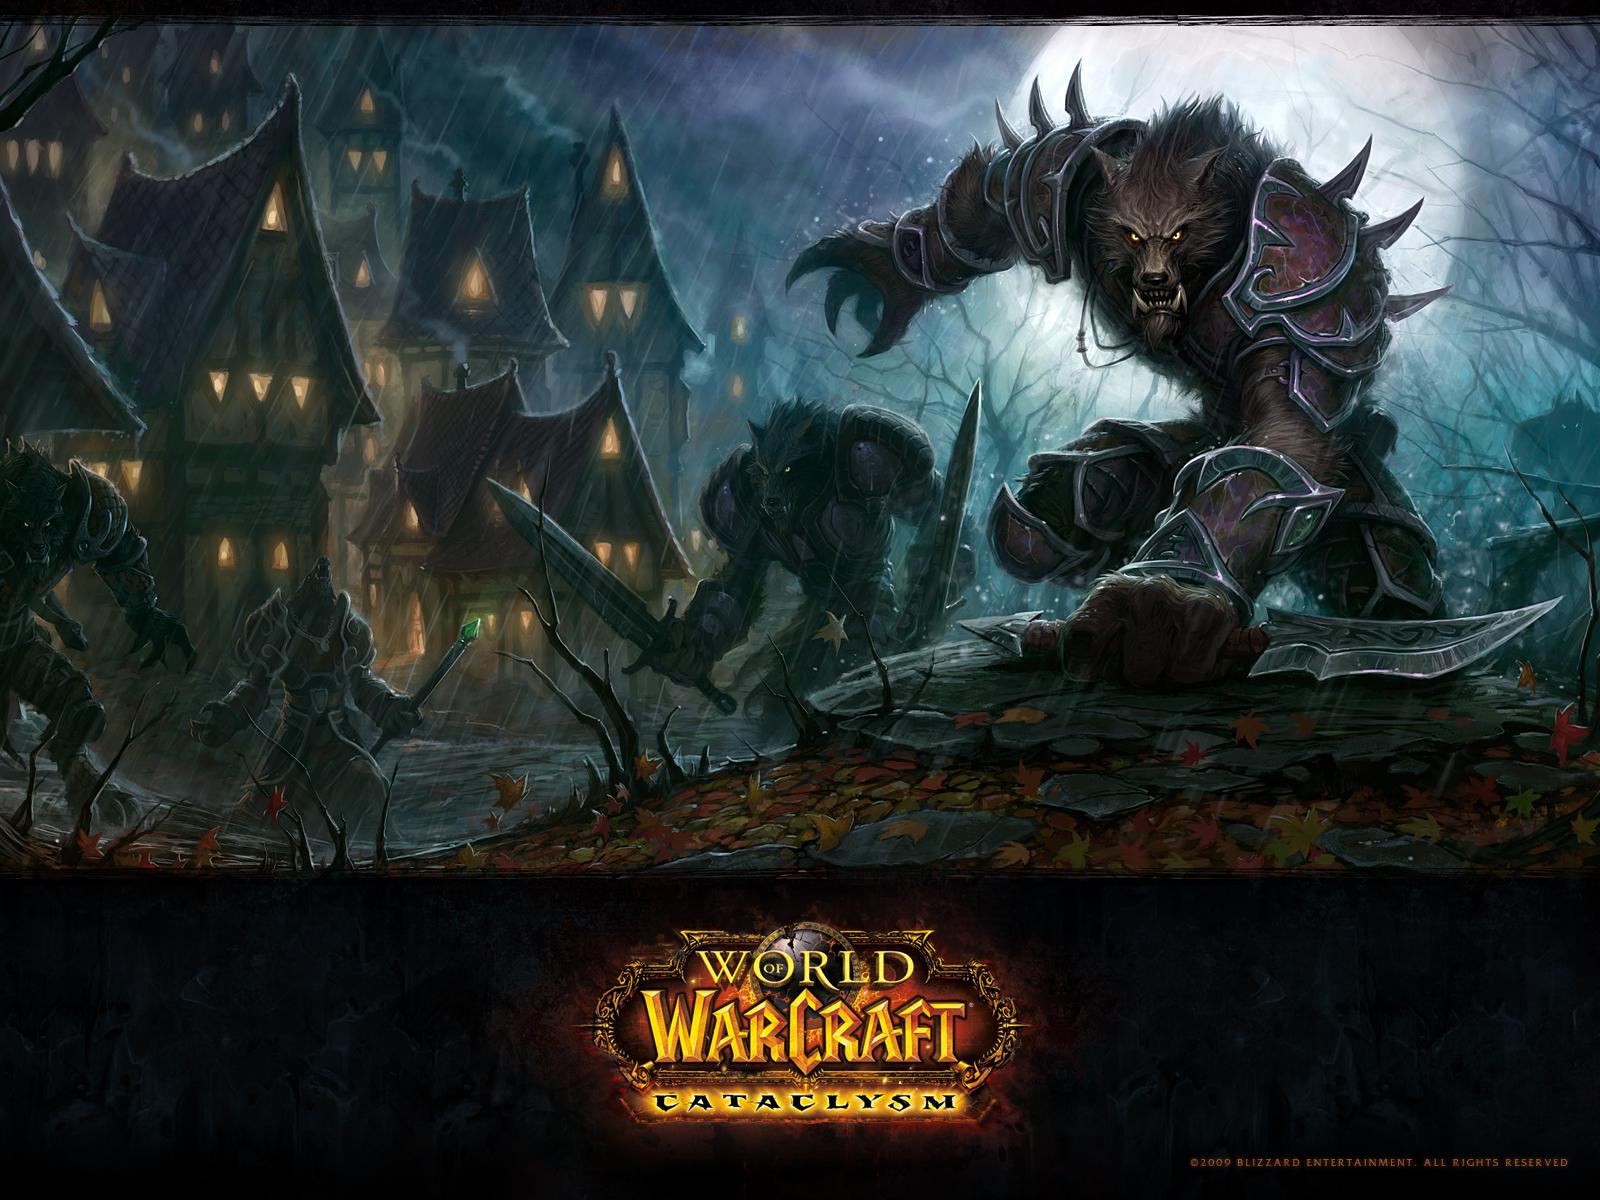 http://4.bp.blogspot.com/-OsjmlMyfd5Y/Tf4iZMrh9EI/AAAAAAAAACY/dWaqIlcGGPM/s1600/world-of-warcraft-cataclysm-wallpaper-worgen.jpg